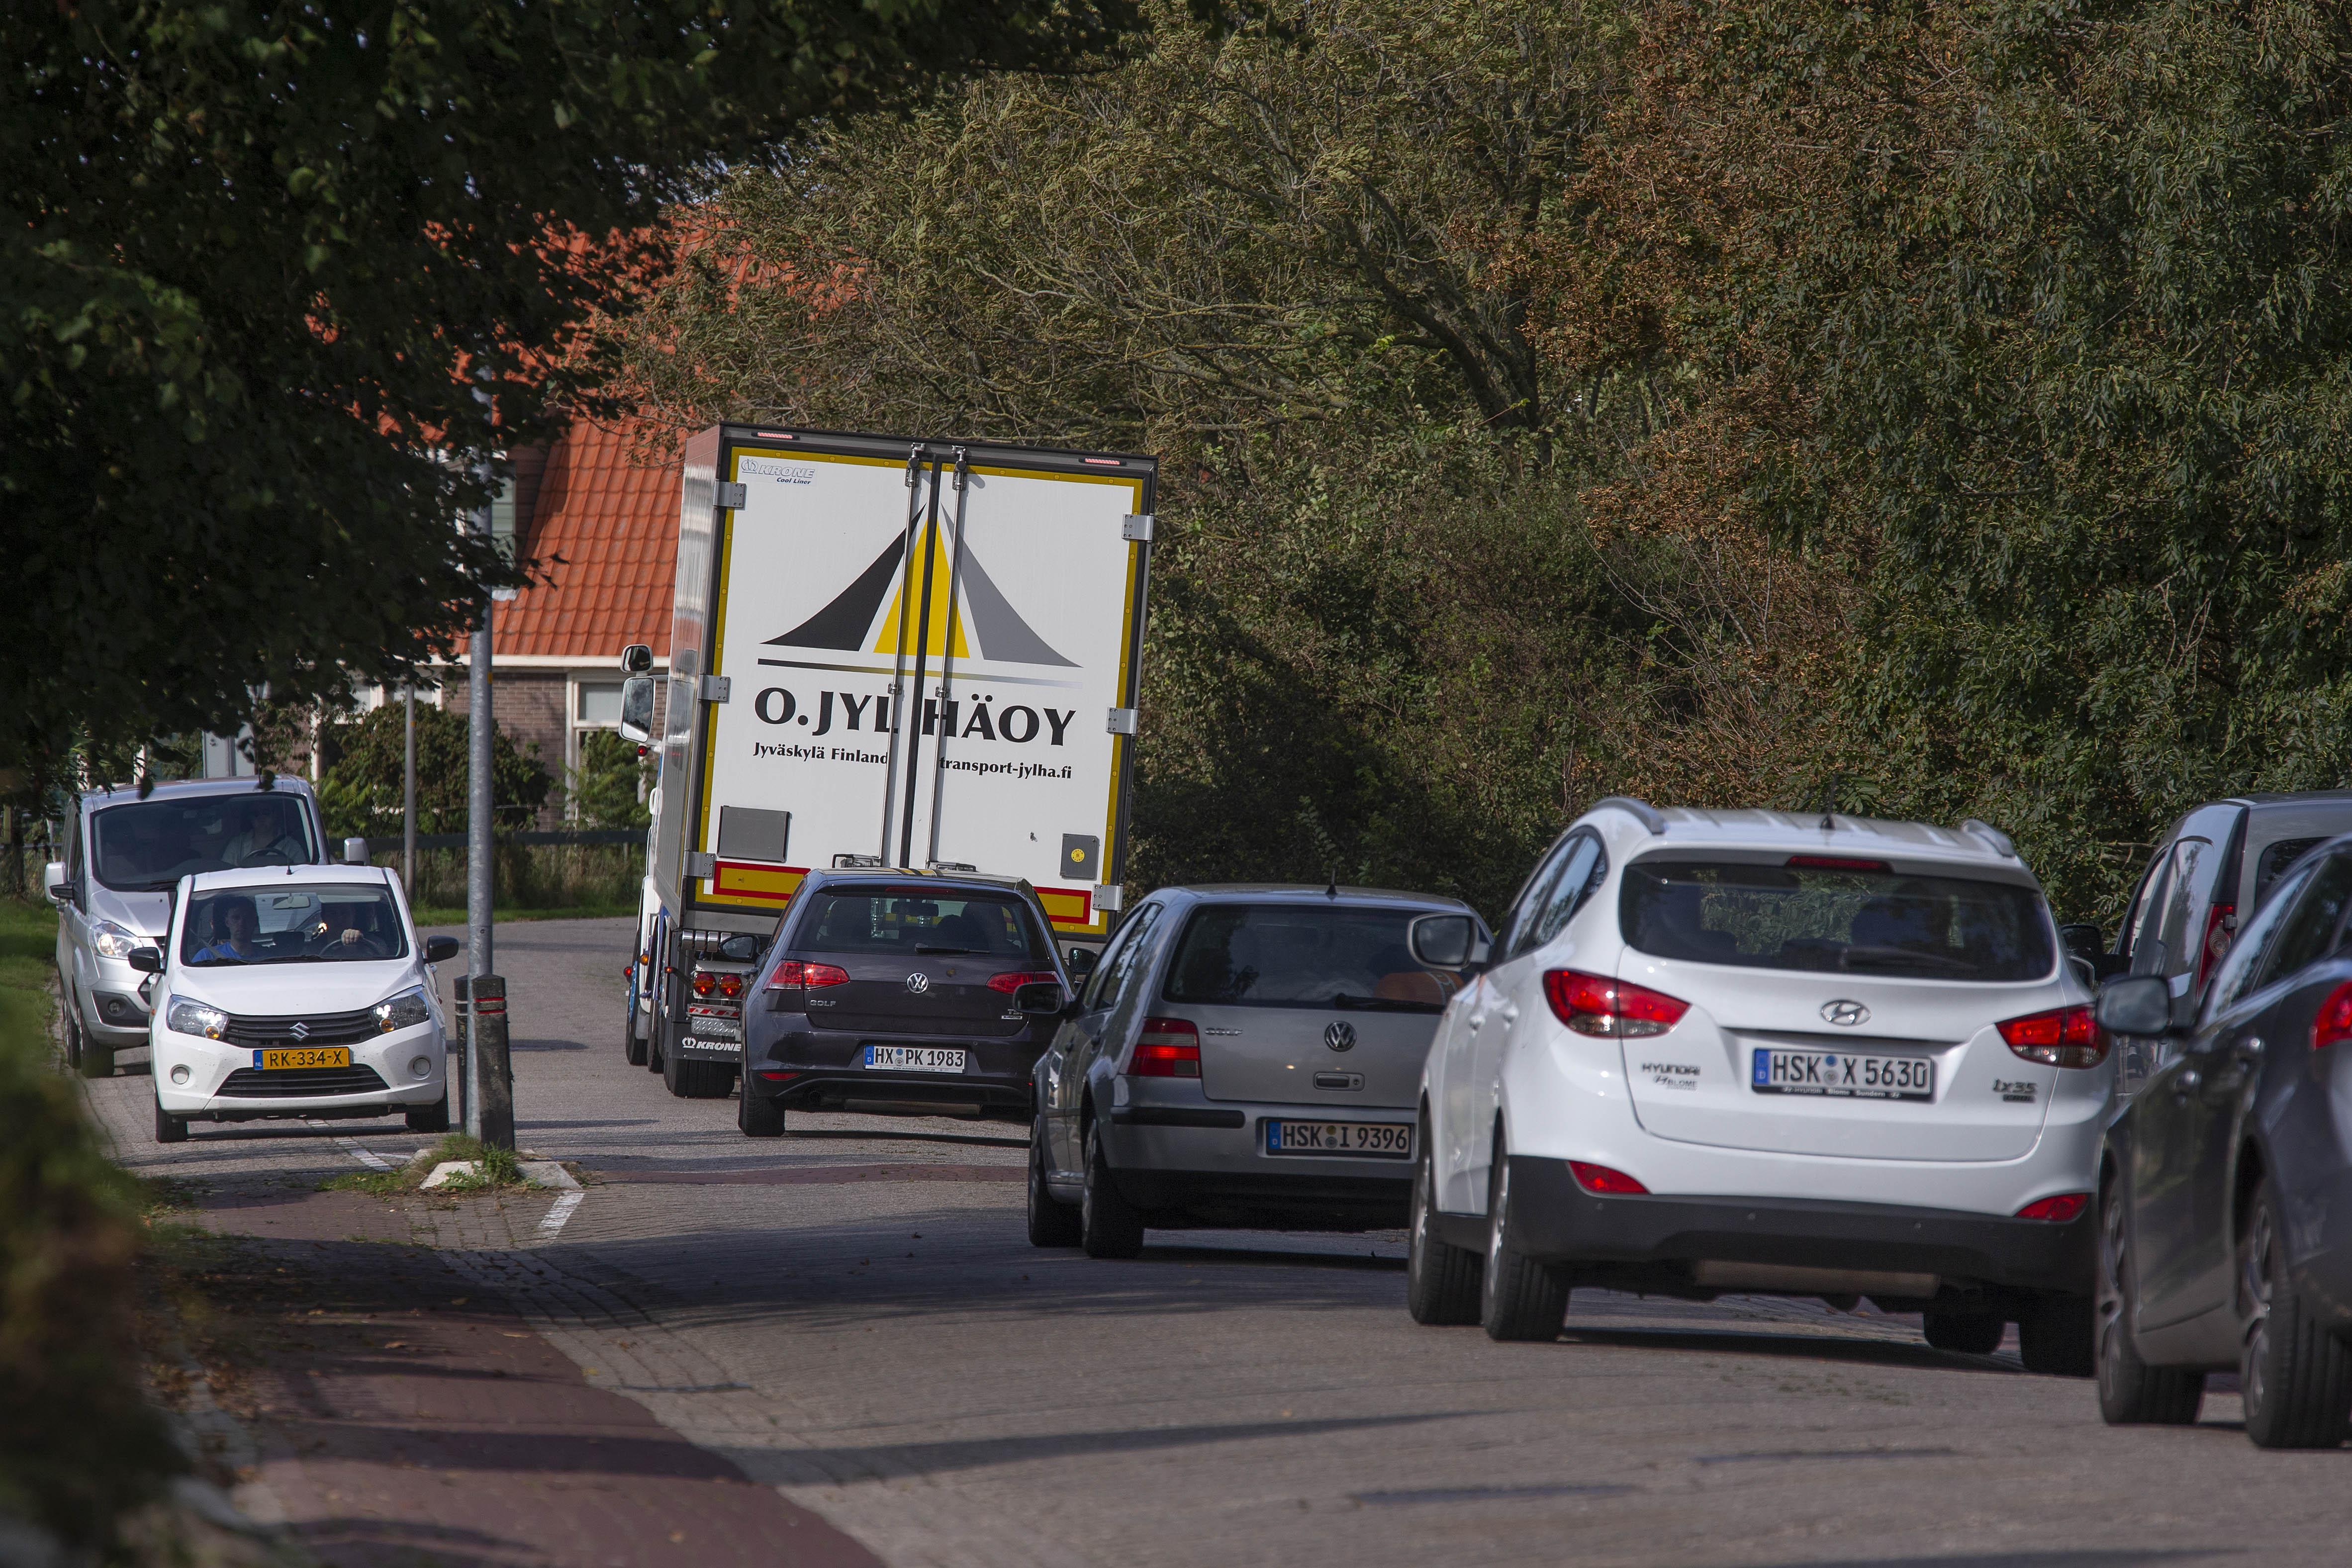 Wegversmallingen in Westerland moeten snelheid uit het verkeer halen